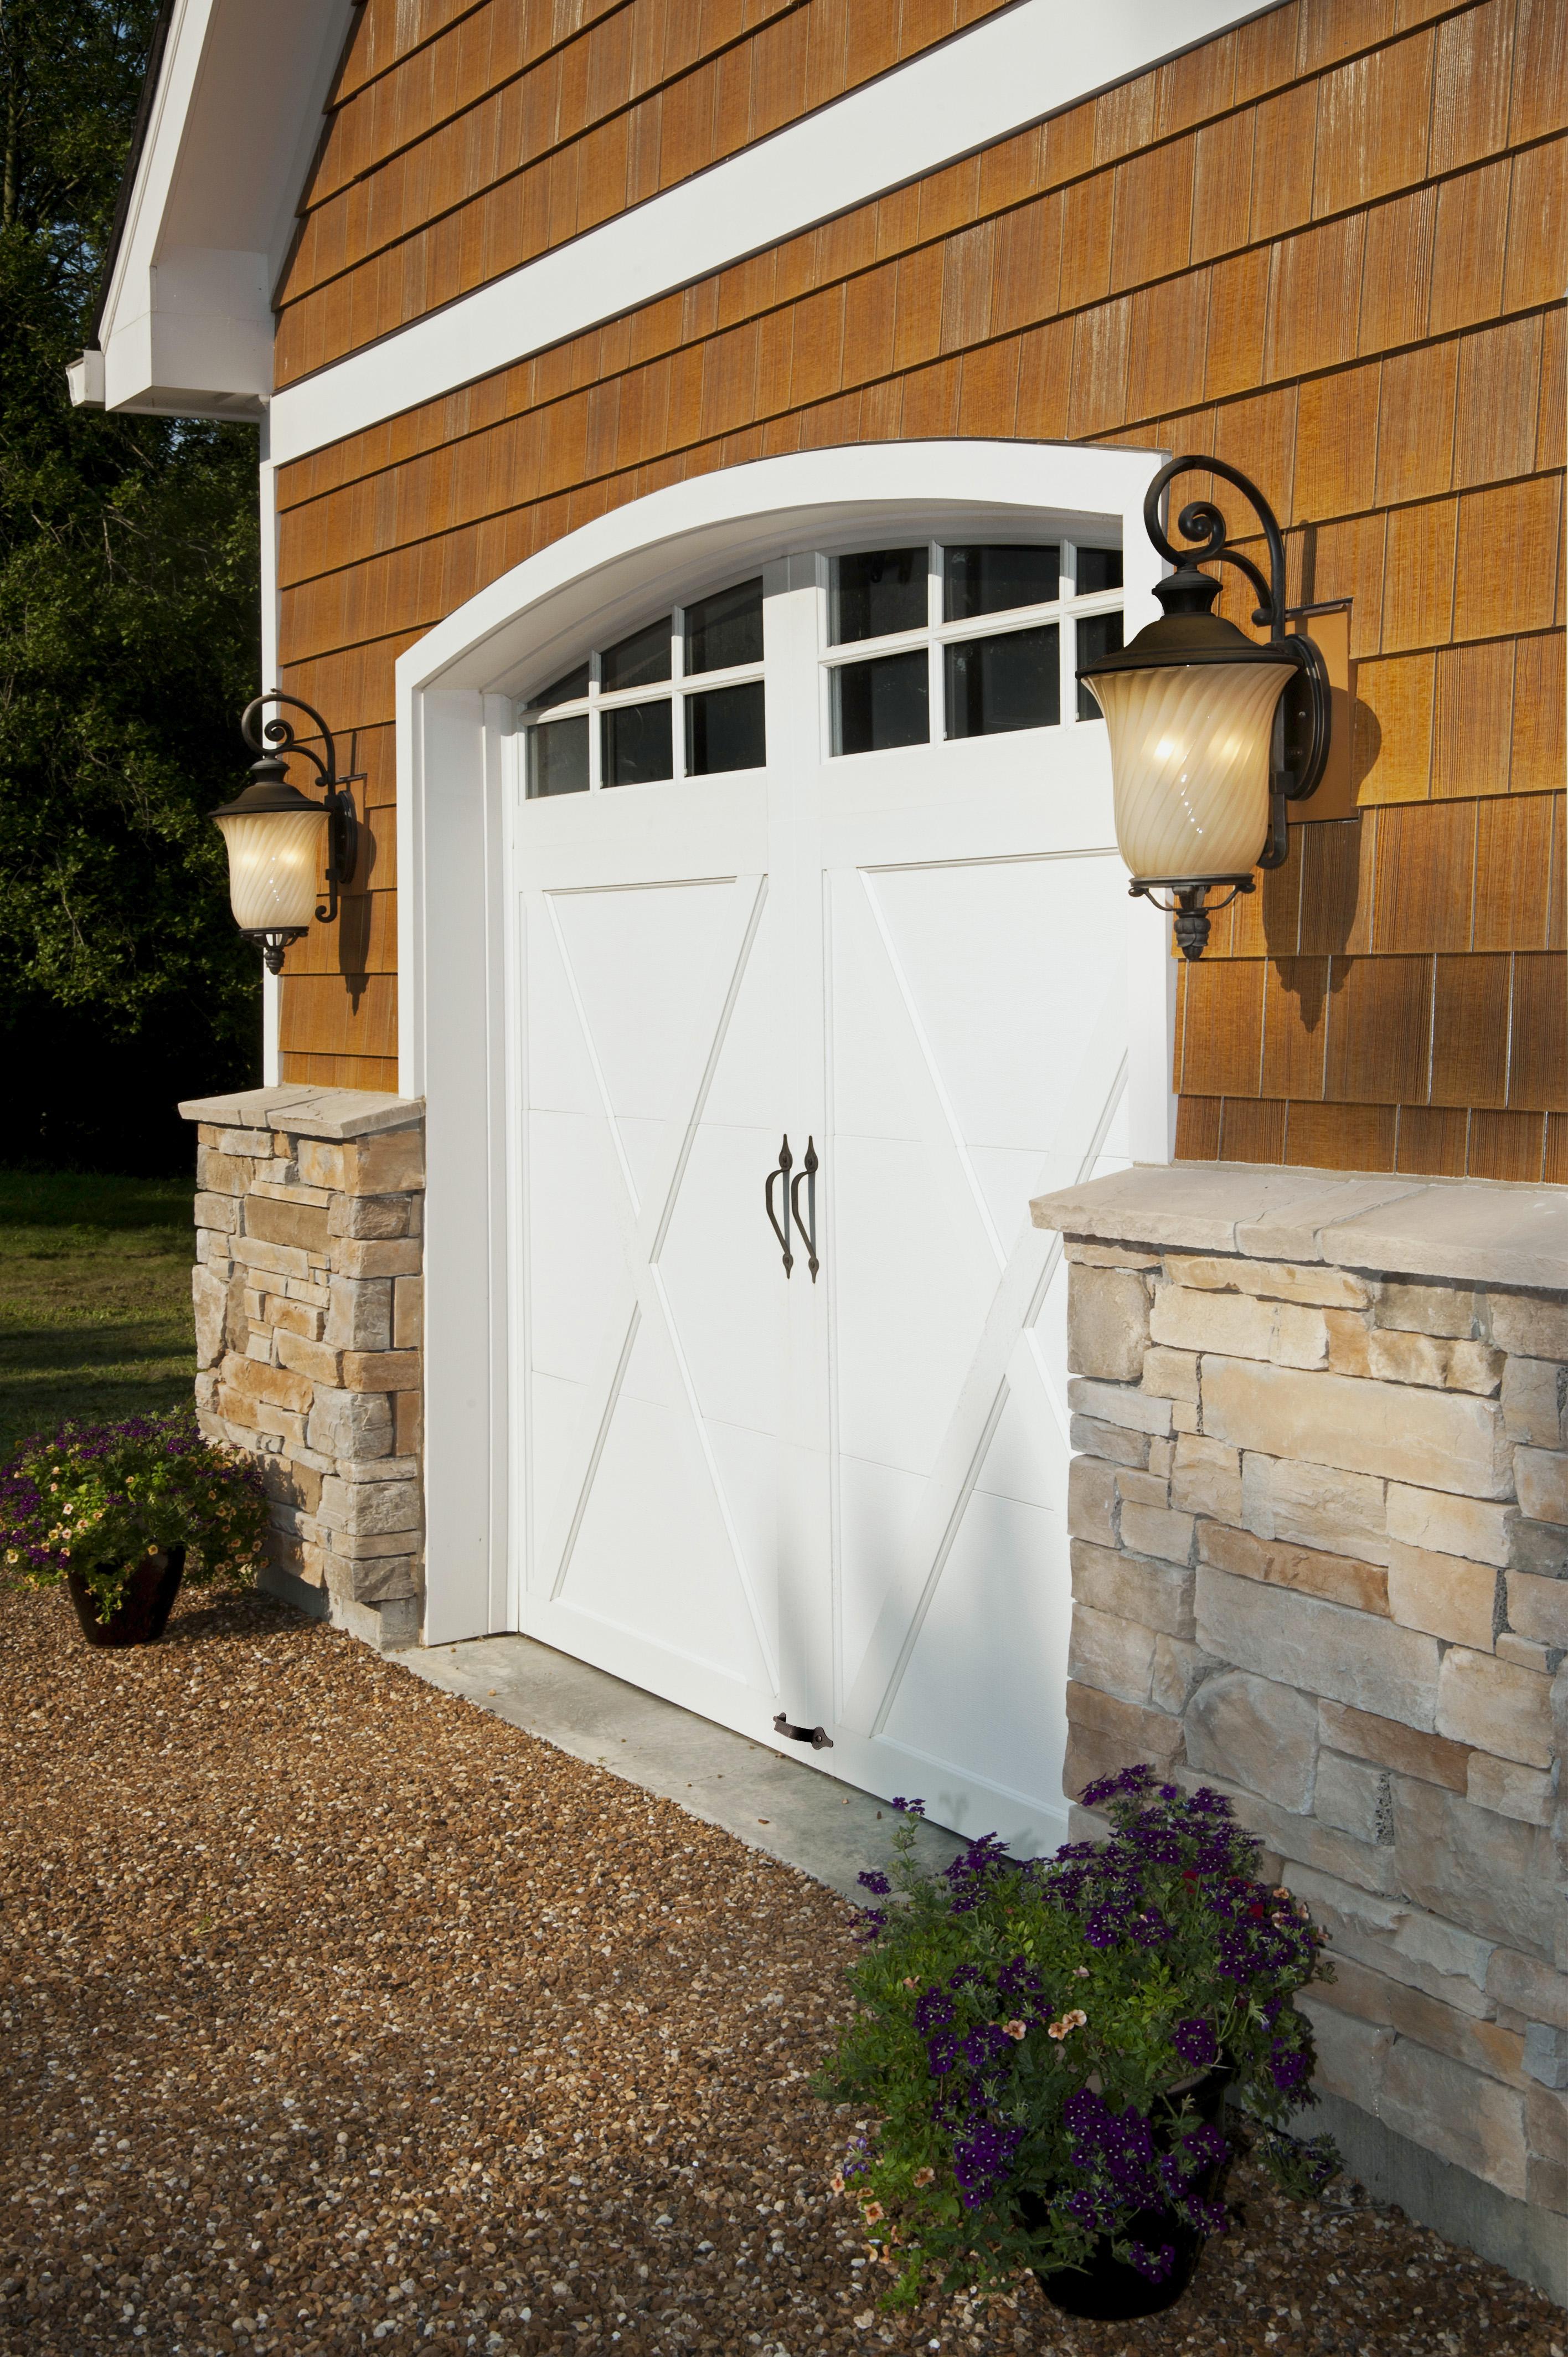 4256 #9D6B2E COACHMAN® Picture Gallery MAGNUM DOOR Call 604 530 8535 wallpaper Coachman Collection Garage Doors 36152832